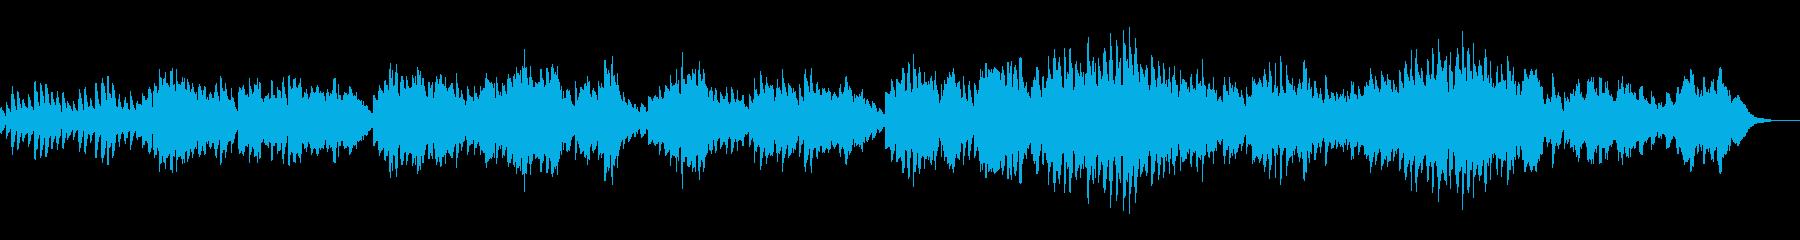 甘美な旋律のフォーレの「夢のあとに」の再生済みの波形